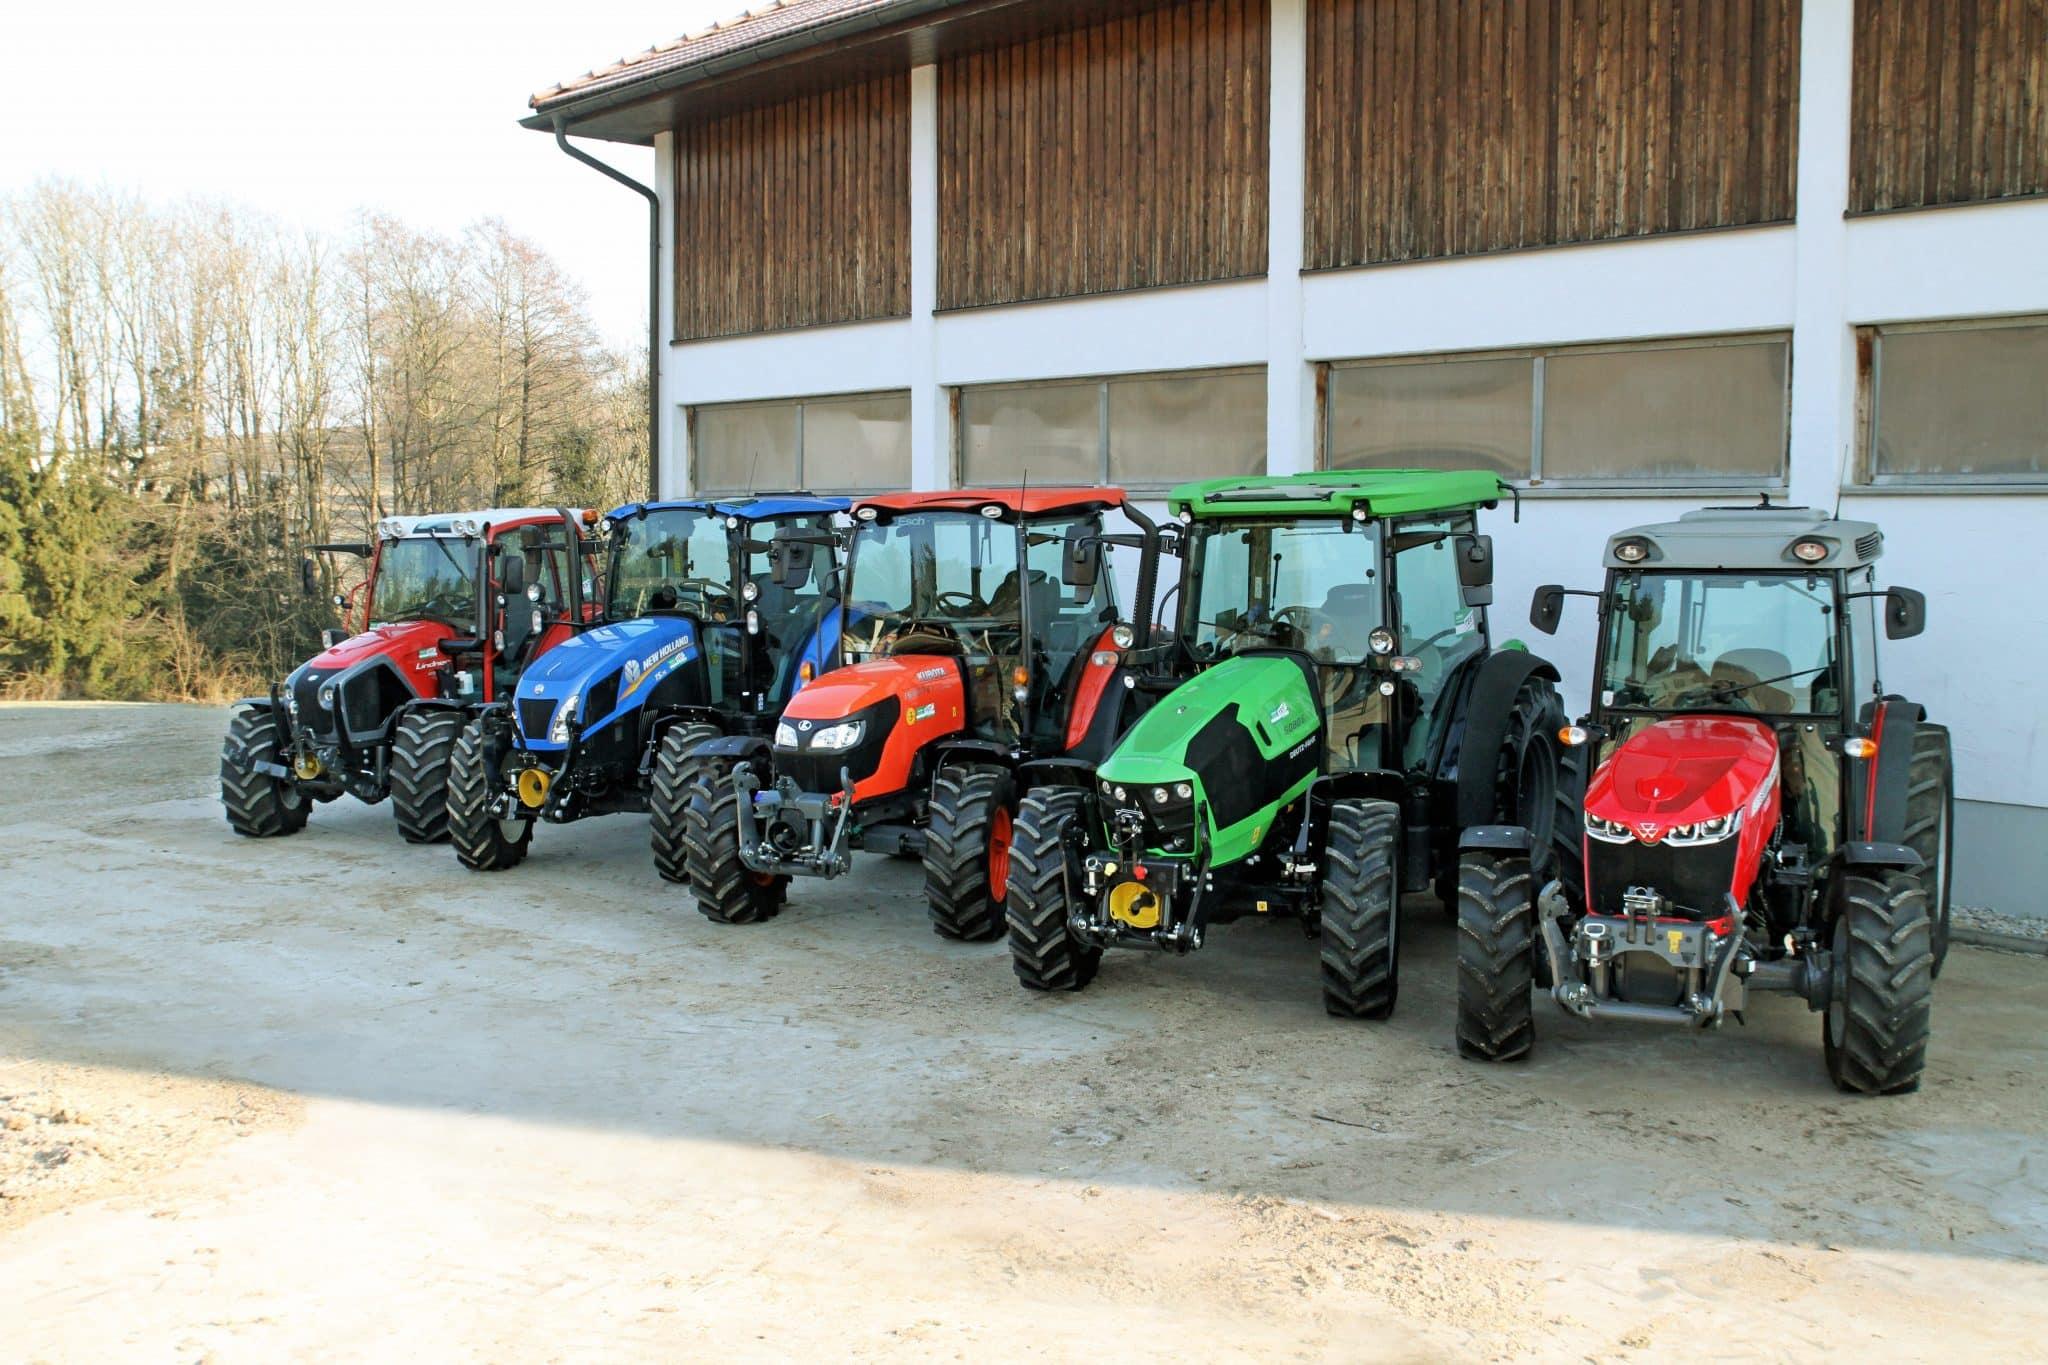 Berühmt Vergleichstest: Kleine Traktoren mit großen Unterschieden @KB_22